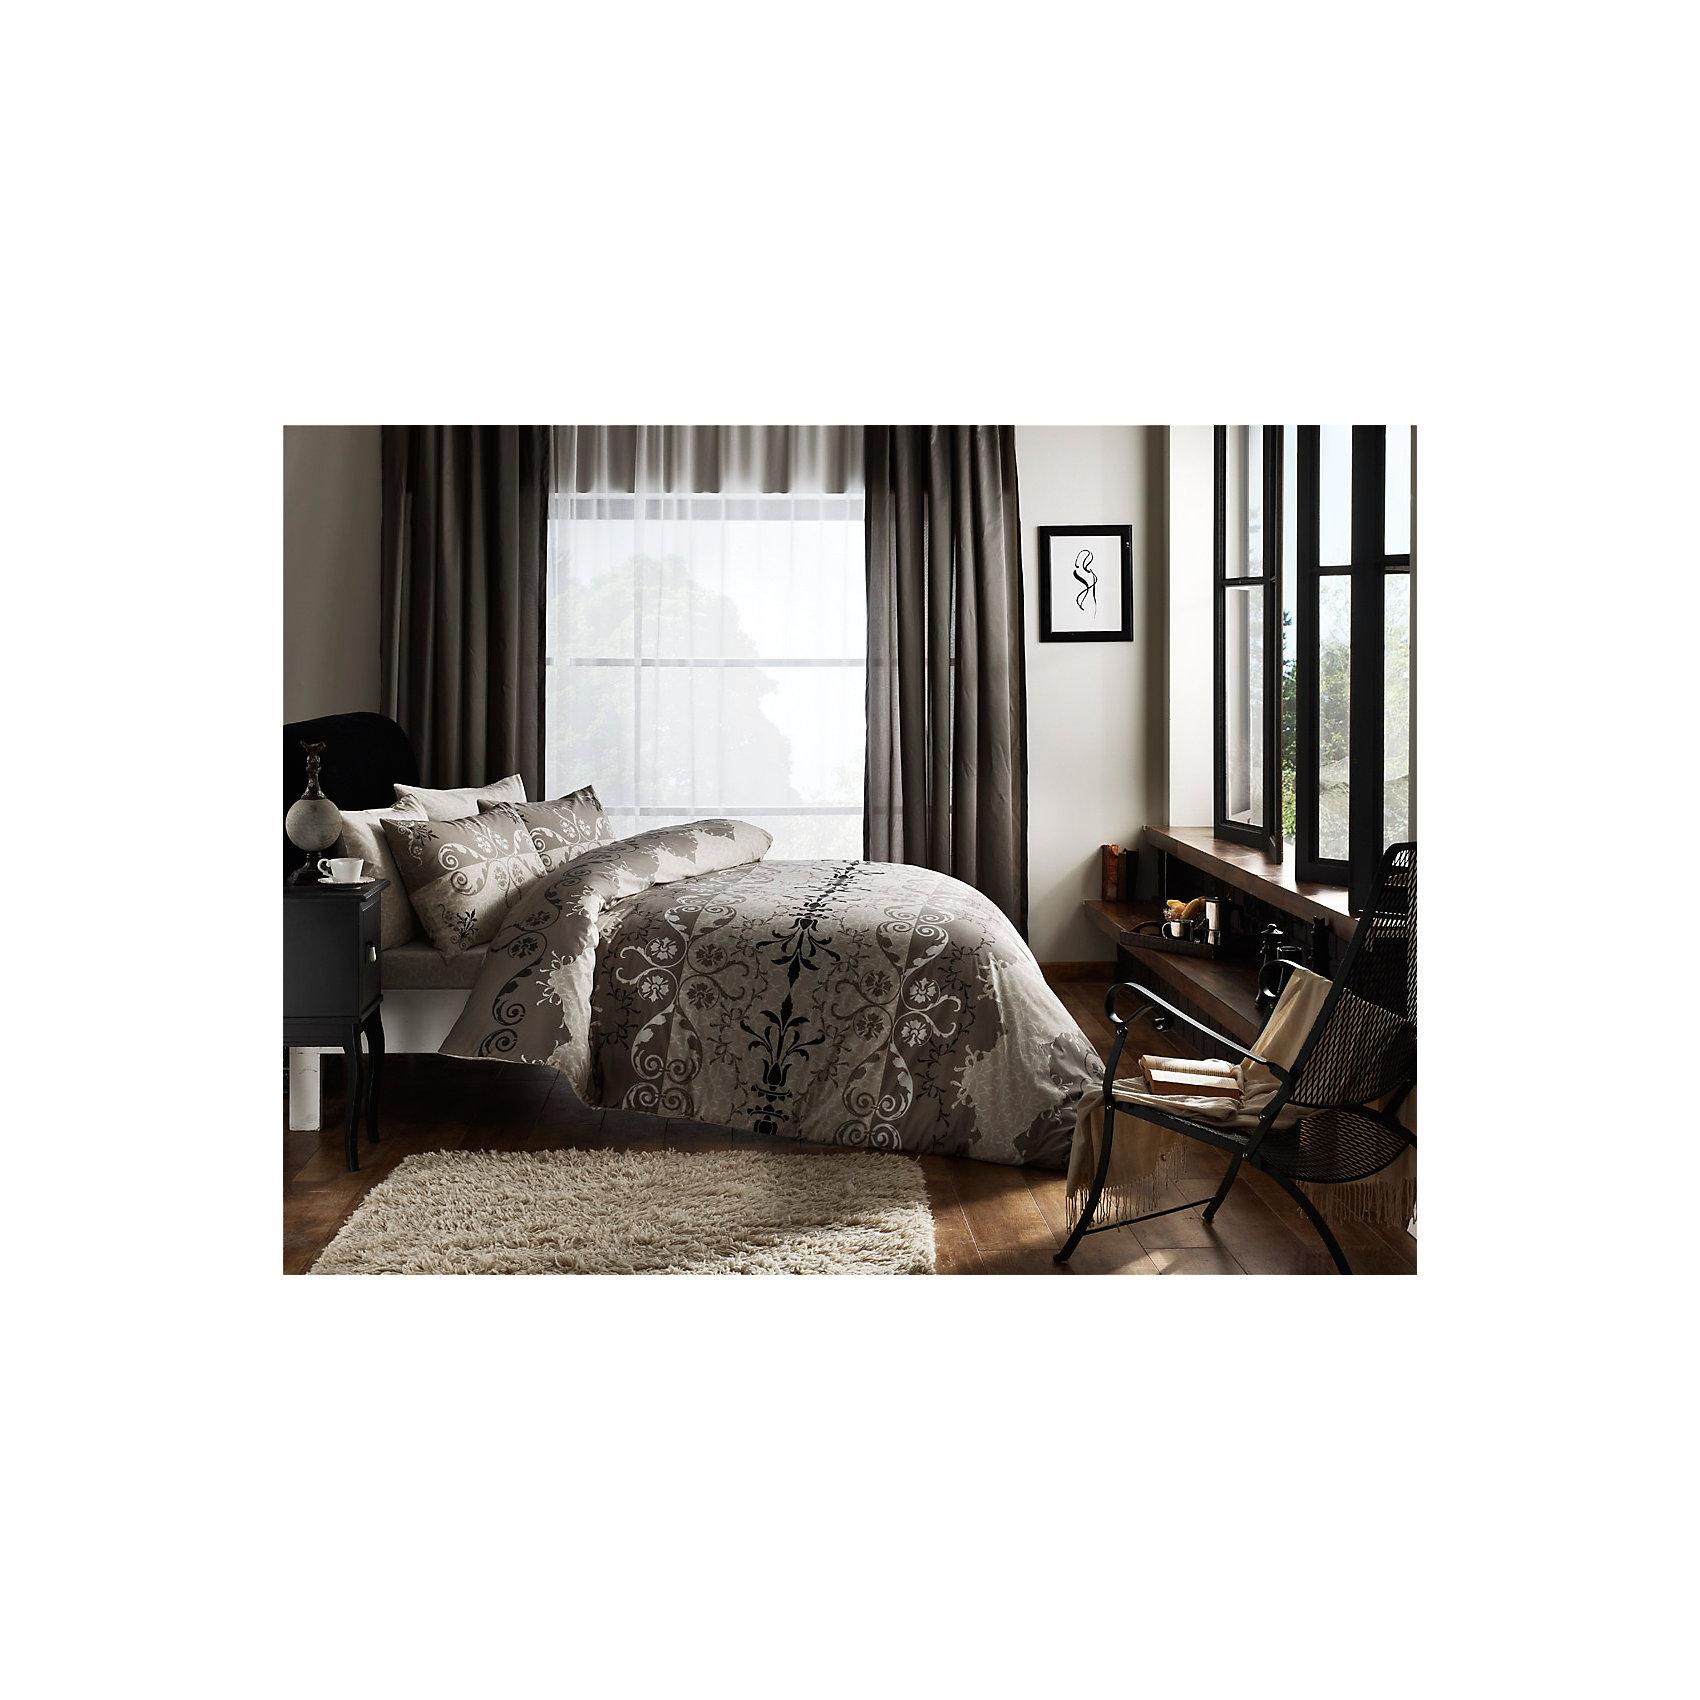 Постельное белье семейный Elenor, Ranforce, TAC, коричневыйДомашний текстиль<br>Характеристики товара: <br><br>• пододеяльник 2шт.(160х220см), наволочка 2шт.(70х70см), простынь (240х260см);<br>• общий размер:  семейный;<br>• материал: ранфорс (100% хлопок);<br>• цвет: коричневый;<br>• страна бренда: Турция;<br>• страна производитель: Турция.<br><br>Это постельное бельё от турецкого бренда TAC (ТАЧ) отлично впишется в интерьер. Несмотря на плотность ткани, она состоит из мельчайших волокон, что придаёт мягкость и воздушность изделию. Все материалы, которые входят в состав этого комплекта, гипоаллергенны и не вызывают неприятных ощущений.<br><br>Постельное бельё не боится воды, так как пропускает через себя около 20% влаги и выводит наружу, поэтому её очень легко сушить. Такие материалы не электризуются, а наоборот способствуют улучшению сна и хорошо пропускают воздух. <br><br>Такой комплект очень устойчив к частым стиркам, его рекомендуется стирать обычным порошком. Ткань отличается особой износоустойчивостью и прочностью.<br><br>Постельное белье Elenor (Эленор) можно купить в нашем интернет-магазине.<br><br>Ширина мм: 270<br>Глубина мм: 80<br>Высота мм: 370<br>Вес г: 3500<br>Возраст от месяцев: 216<br>Возраст до месяцев: 1188<br>Пол: Унисекс<br>Возраст: Детский<br>SKU: 6849261